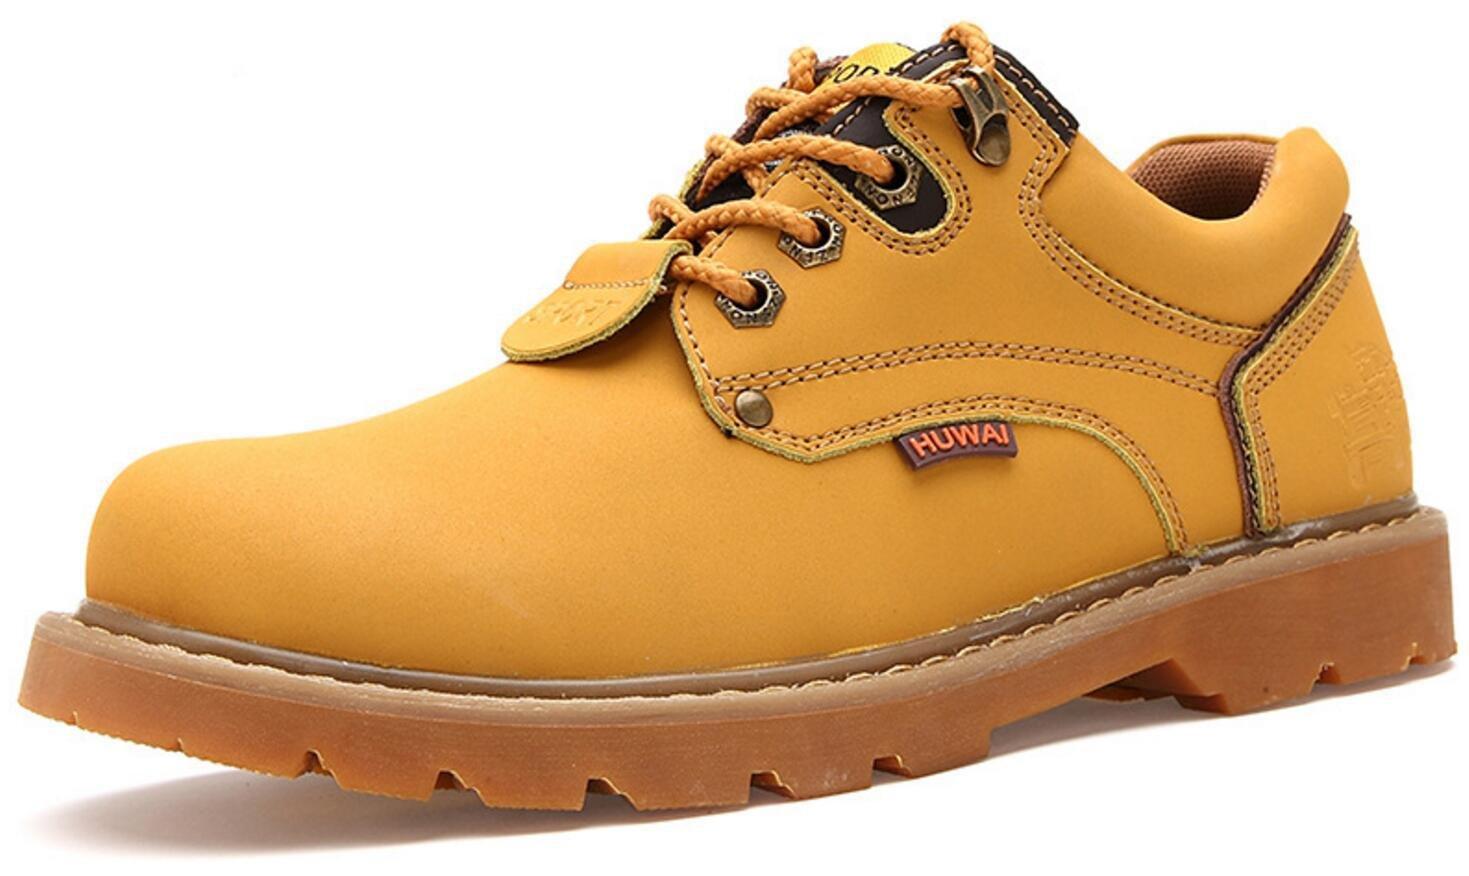 MLSOPX Lederschuhe Herrenschuhe Business Business Business Herrenschuhe Schuhe Schuhe atmungsaktive Schuhe Herren Lederschuhe  8143a7